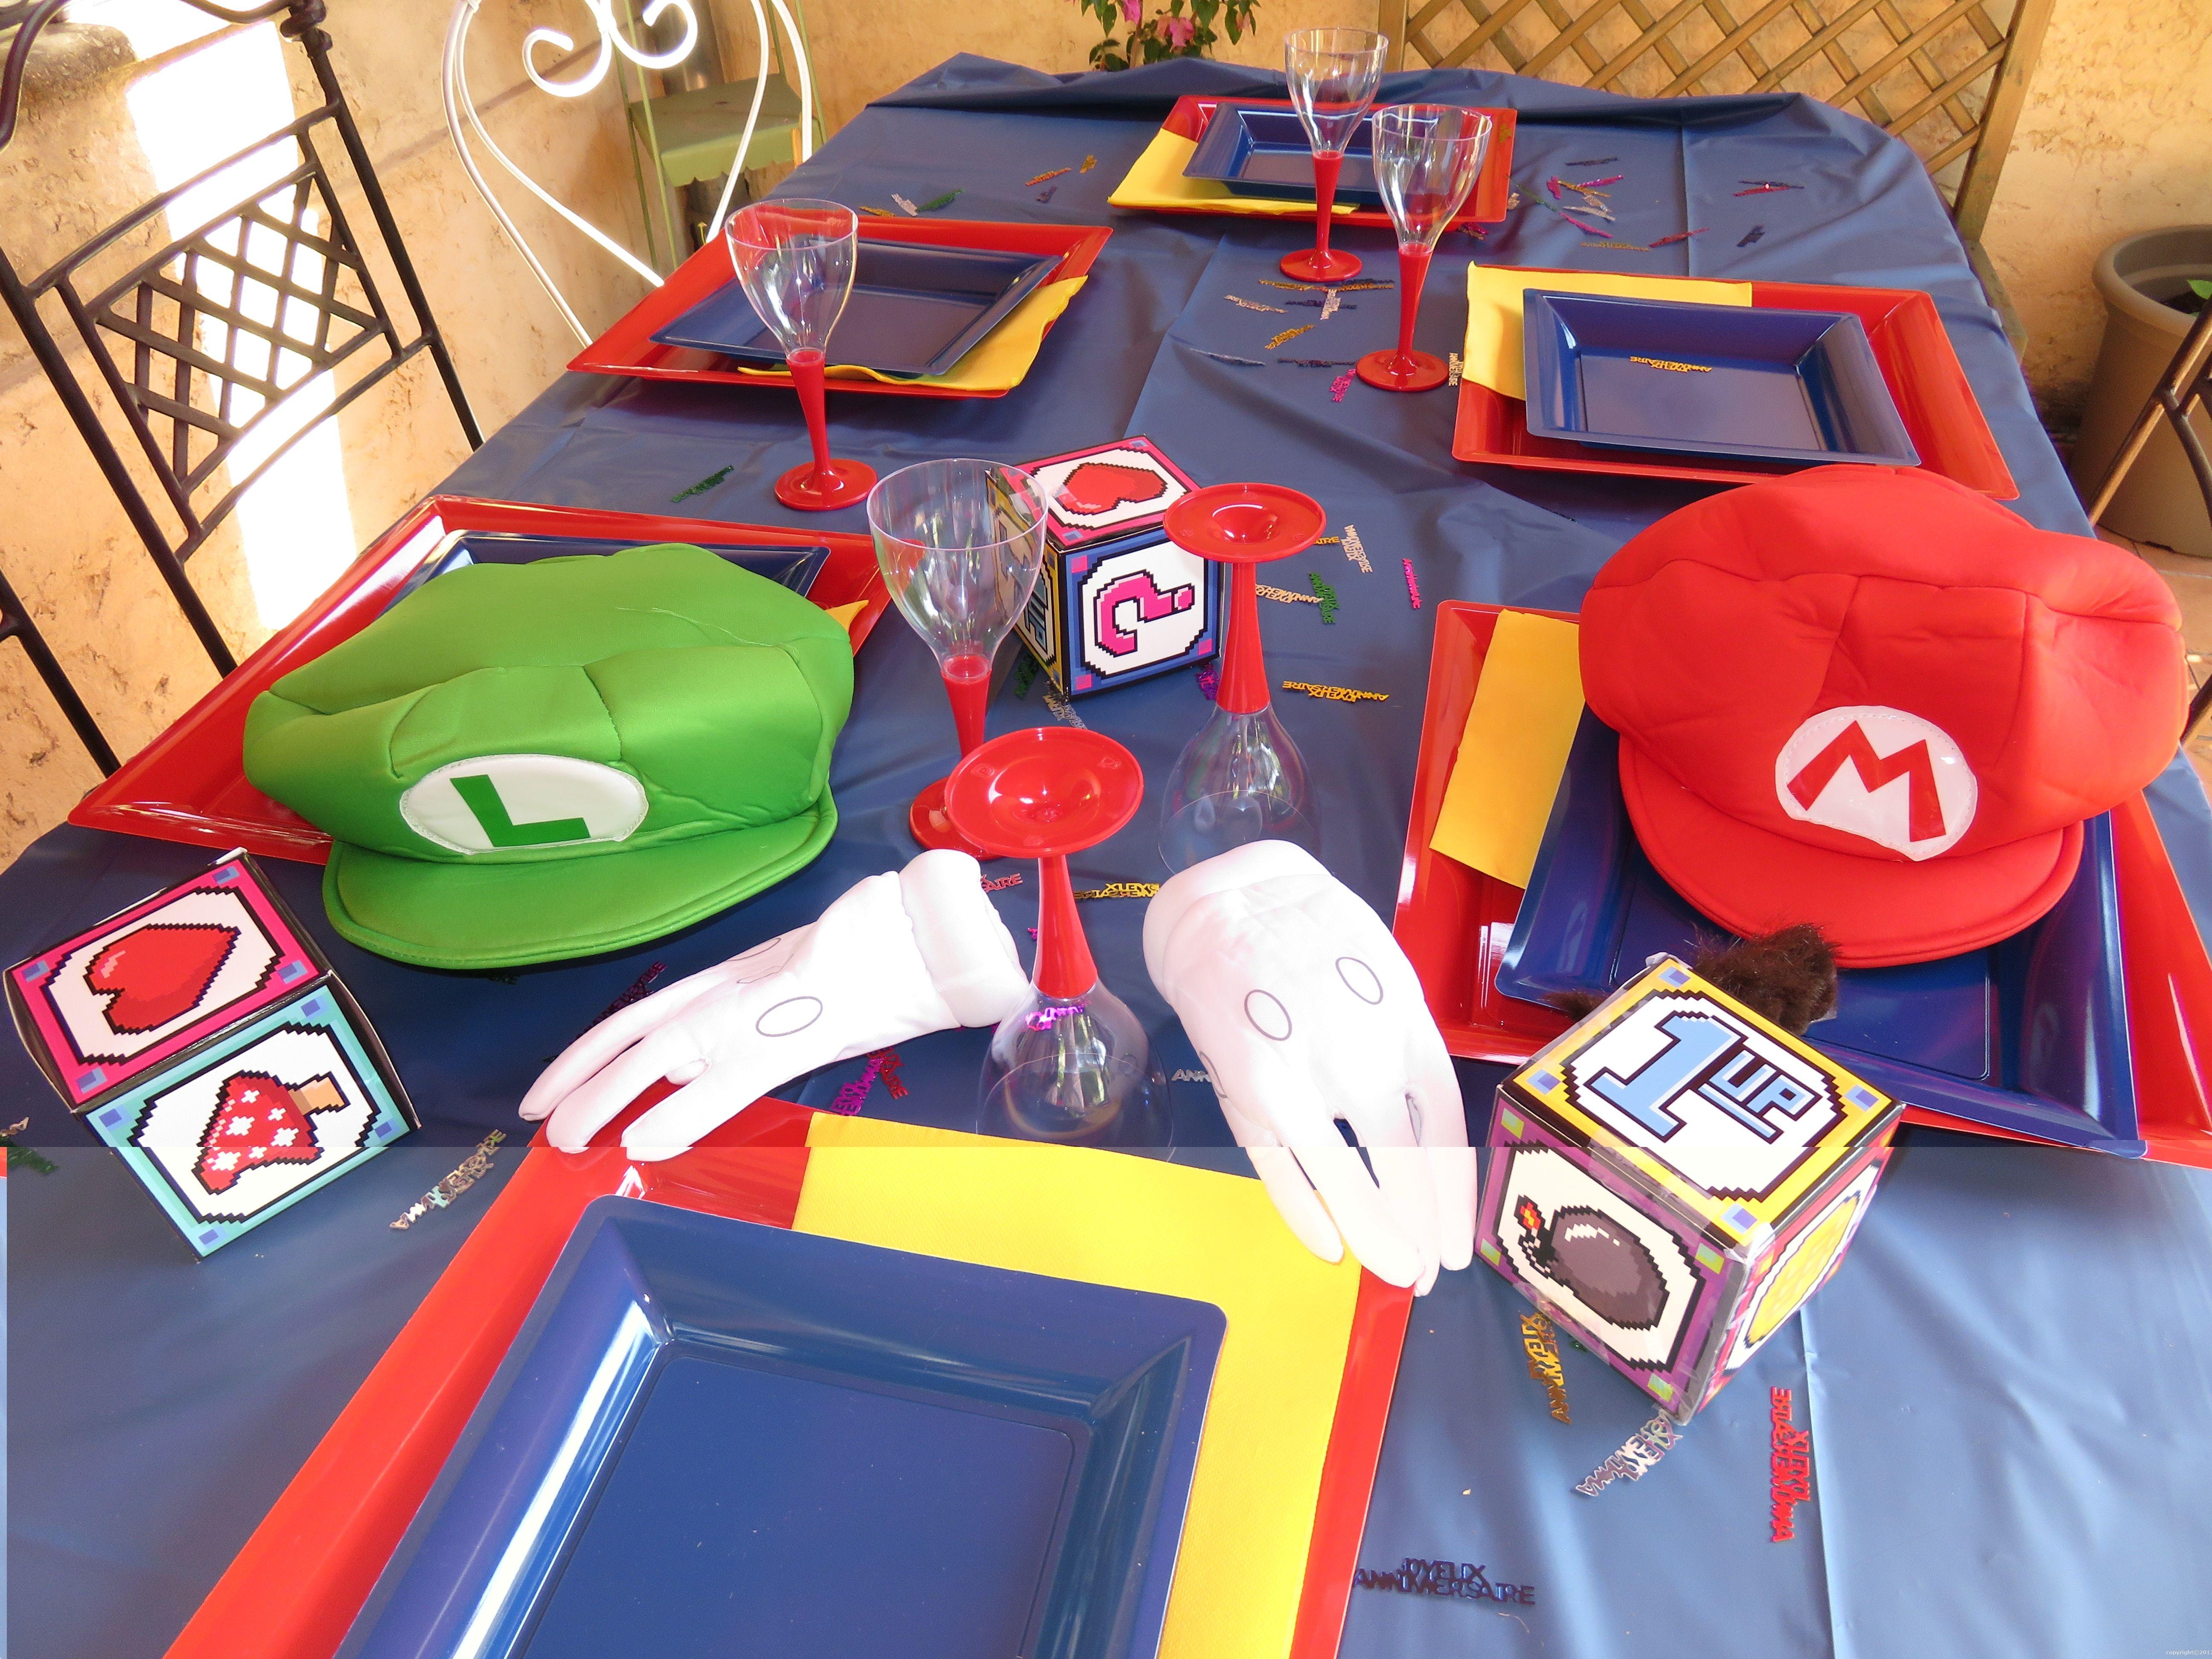 Décoration De Table Originale Jeux Videos Années 80 Mario Bros En